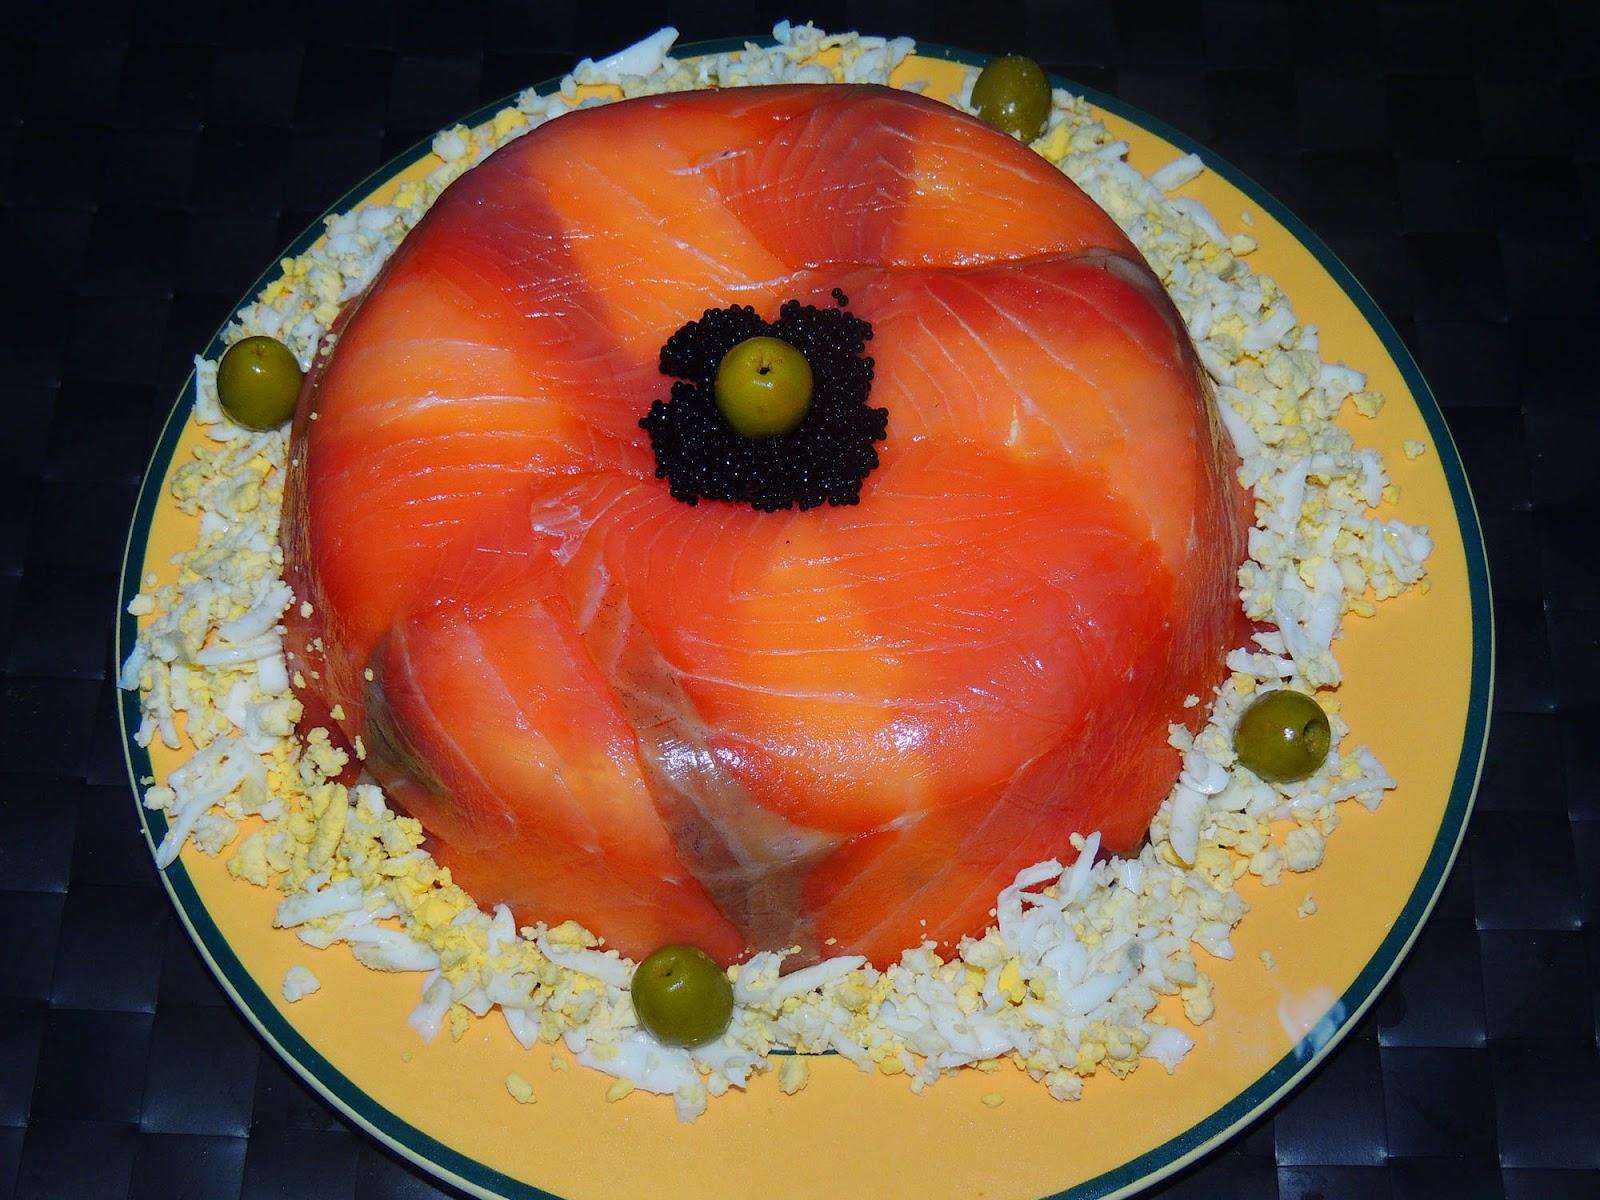 El placer de cocinar pastel de salm n for Que cocinar para invitados